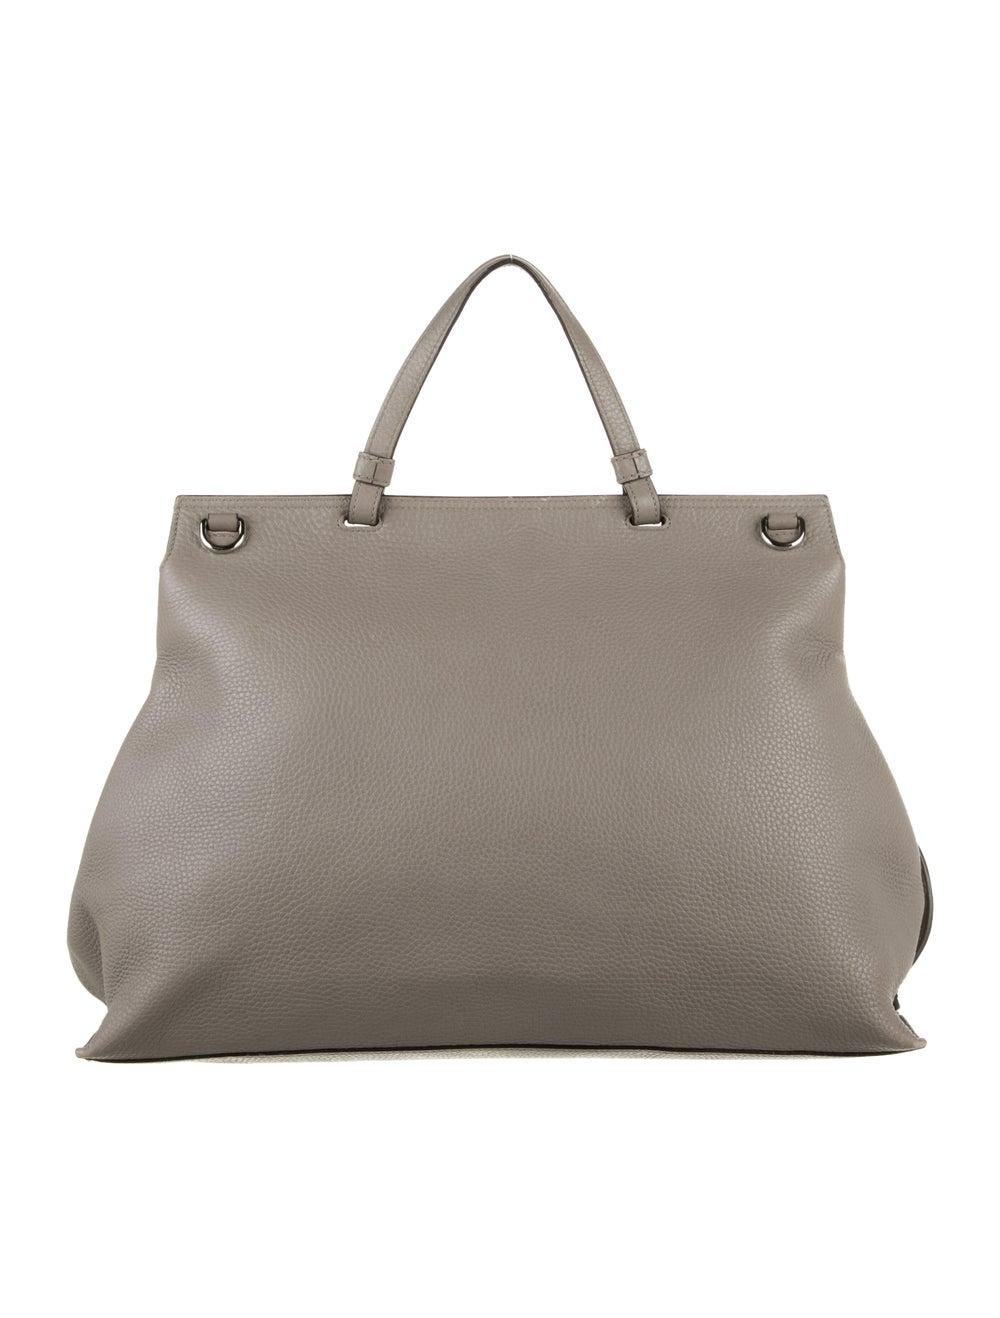 Gucci Large Daily Bamboo Handle Bag Grey - image 4